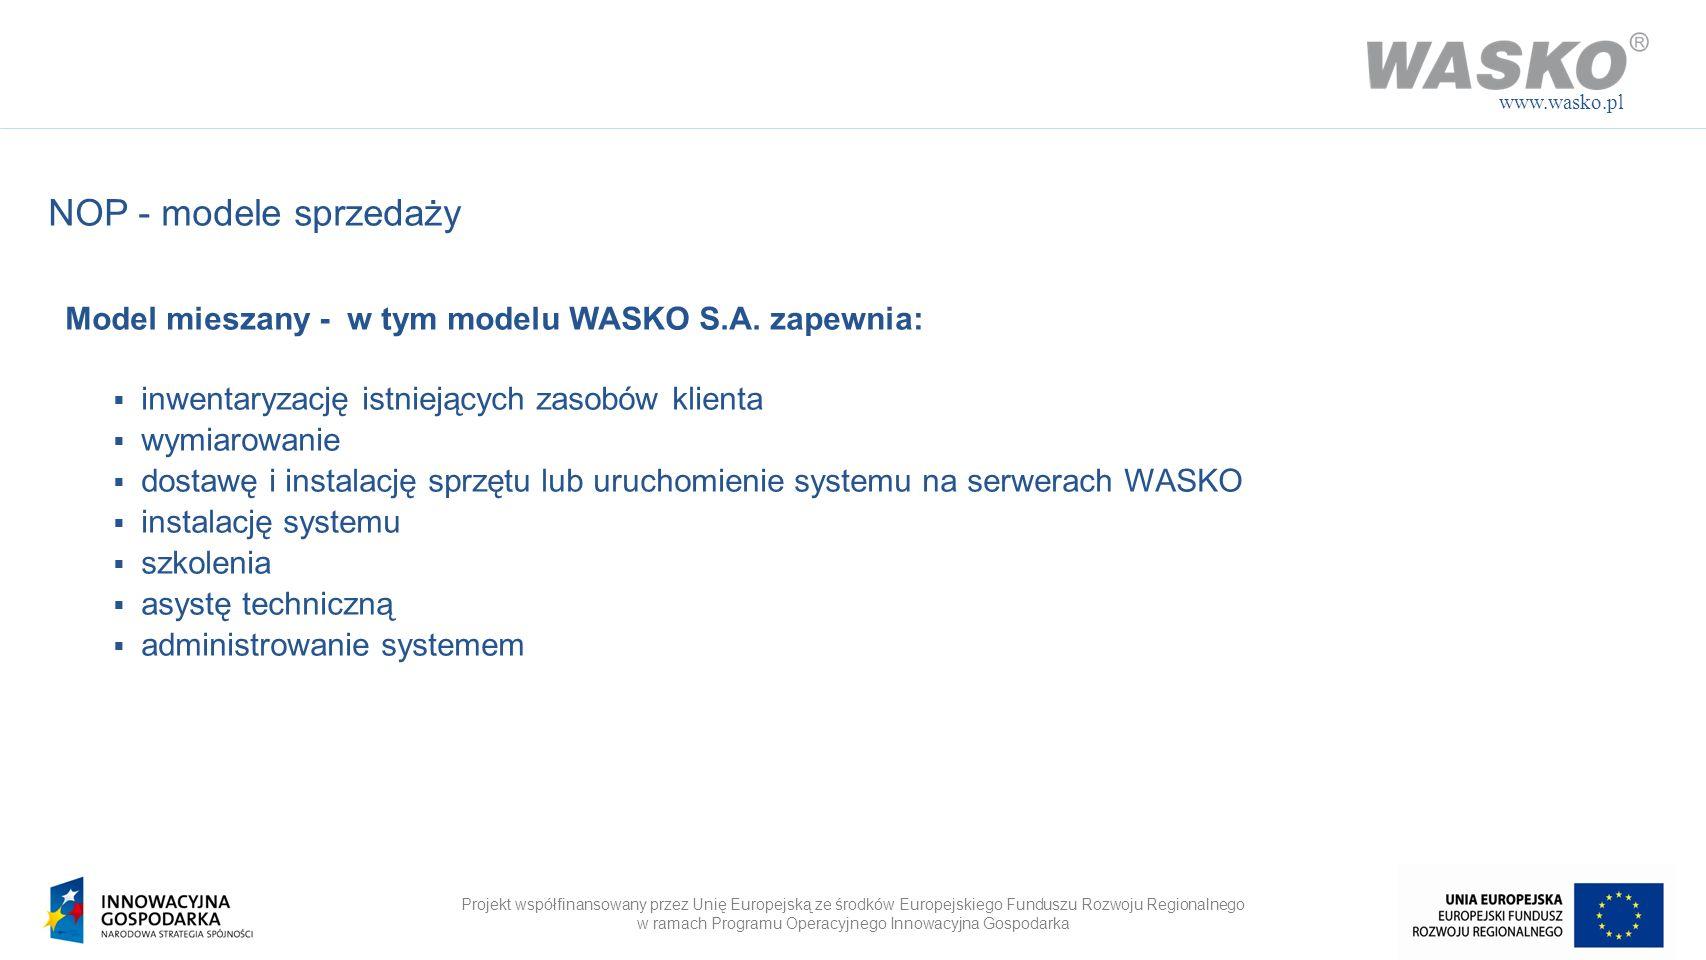 www.wasko.plNOP - modele sprzedaży. Model mieszany - w tym modelu WASKO S.A. zapewnia: inwentaryzację istniejących zasobów klienta.